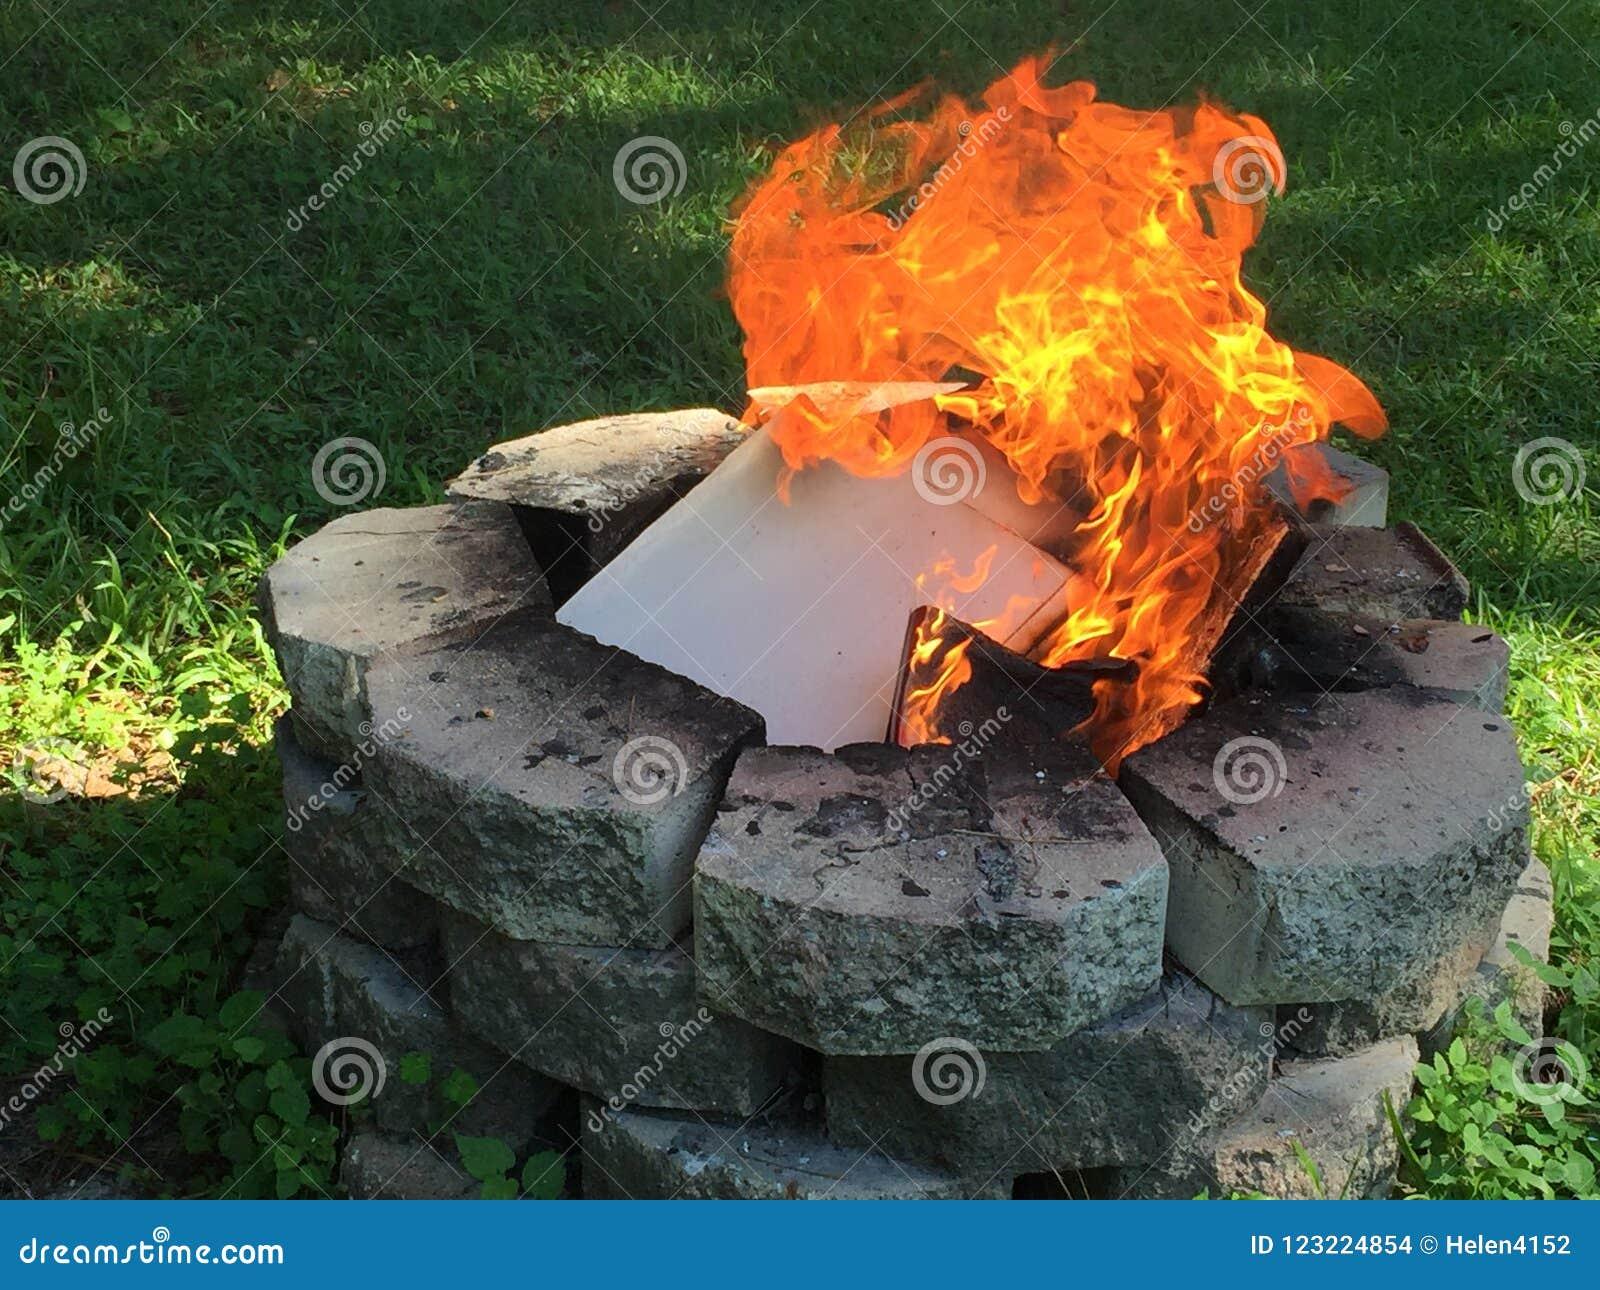 Stone Fire Pit Burning Household Trash Stock Photo Image Of Trash Landfills 123224854